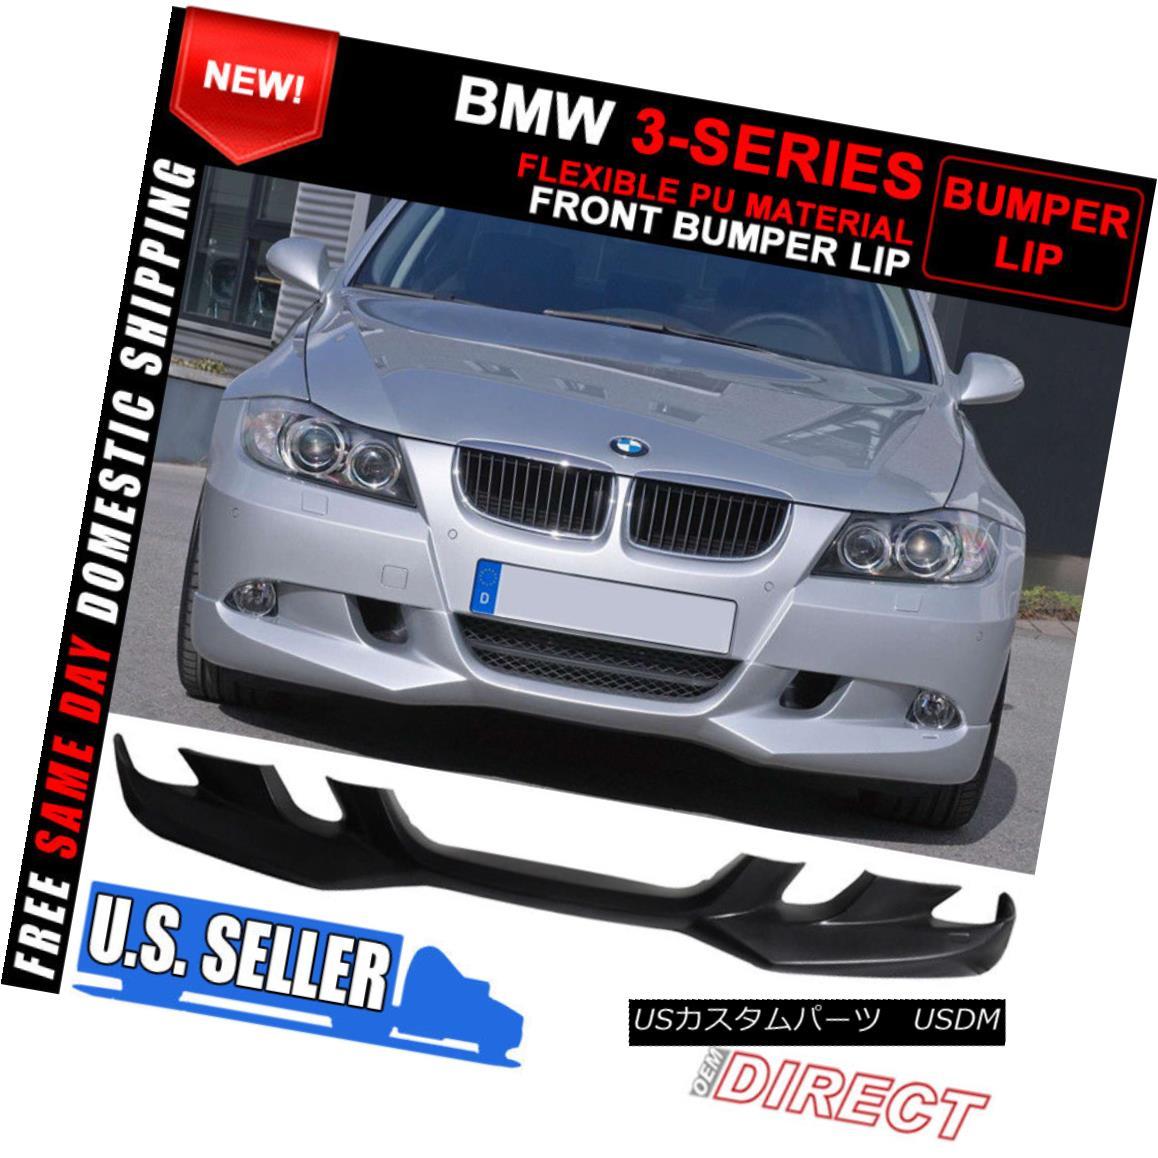 エアロパーツ Fit For 06-08 BMW E90 3 Series AC-S Style Front Bumper Lip Unpainted - PU フィット06-08 BMW E90 3シリーズAC-Sスタイルフロントバンパーリップ未塗装 - PU